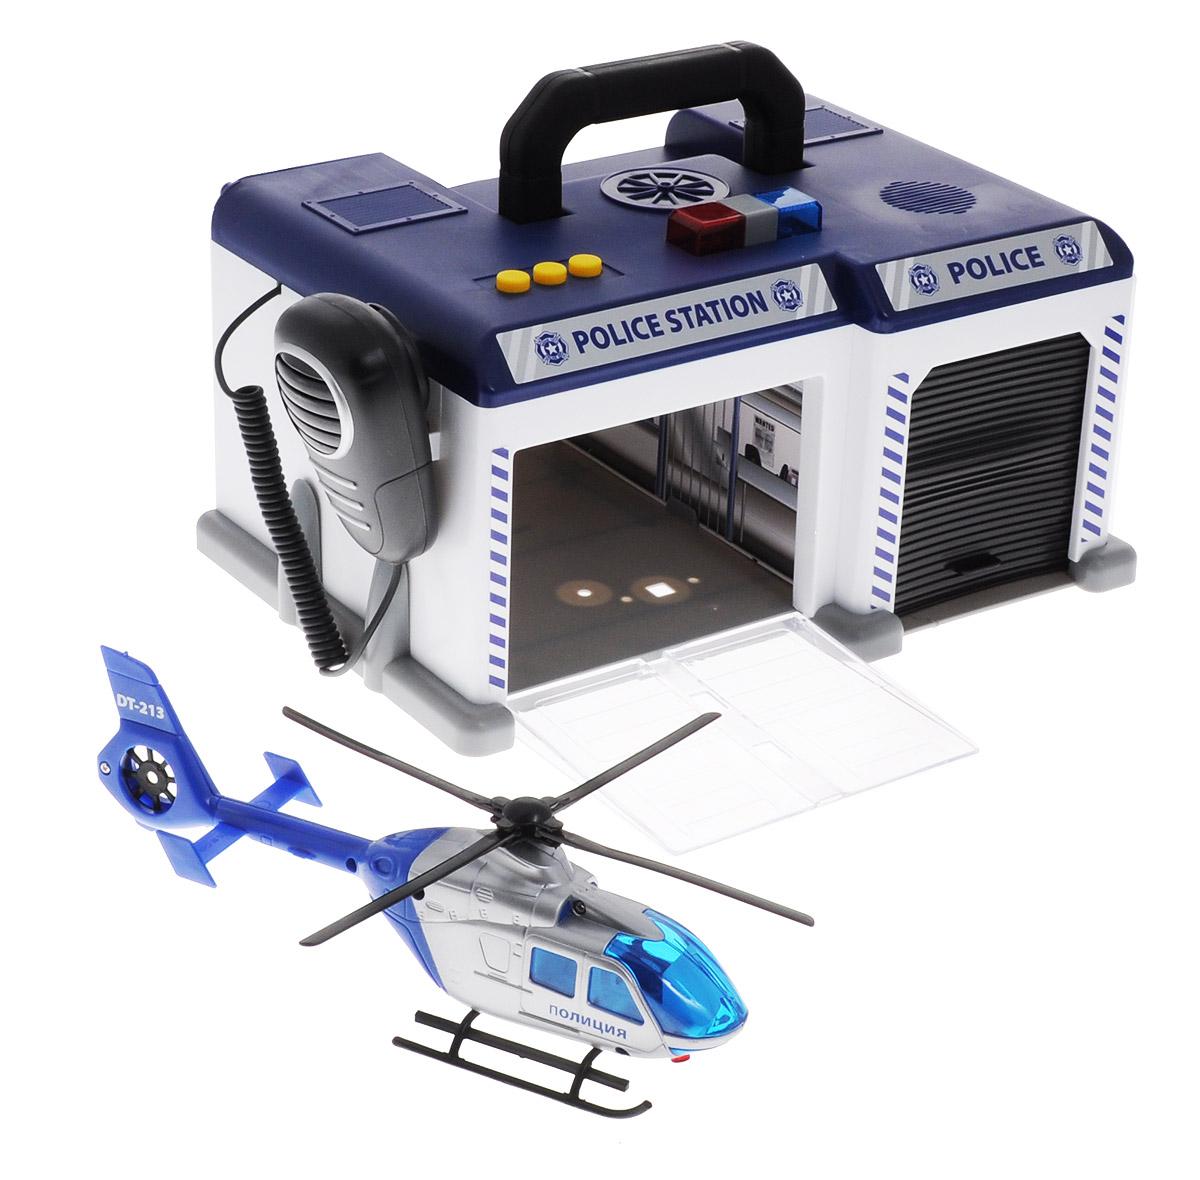 Dickie Toys Игровой набор Полицейская станция3716004_полицияИгровой набор Dickie Toys Полицейская станция  - это увлекательный набор, который непременно понравится вашему ребенку. Станция с парковкой со звуковыми и световыми эффектами выполнена в виде сундучка синего и серого цветов. Станция имеет два отделения, оборудованные открывающимися дверями. В набор входят полицейский вертолет и легковой автомобиль ДПС. На крыше станции имеются три кнопочки, при нажатии на которые срабатывает сирена, и включаются световые эффекты. Здание станции сверху оборудовано удобной ручкой, благодаря чему, набор легко взять с собой на прогулку или в поездку. Ваш ребенок с удовольствием будет играть с набором, придумывая новые захватывающие истории. Для работы требуются 3 батарейки АА (товар комплектуется демонстрационными).